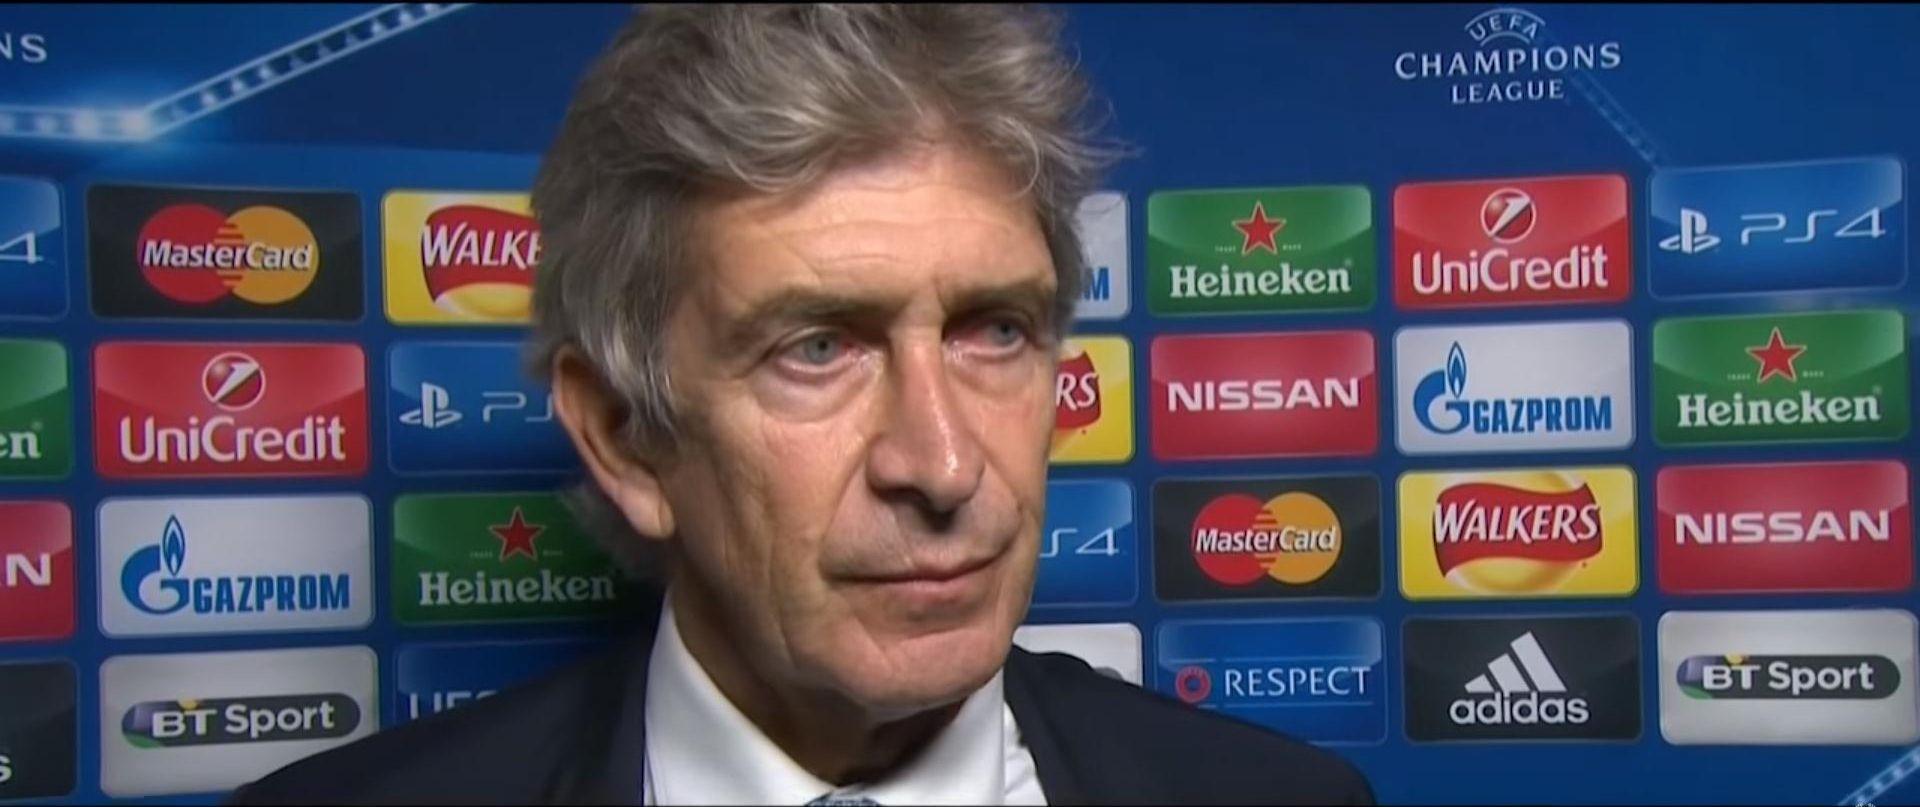 """PELLEGRINI O ISTRAZI UEFA-E: """"Navijači imaju pravo fućkati ili negodovati"""""""